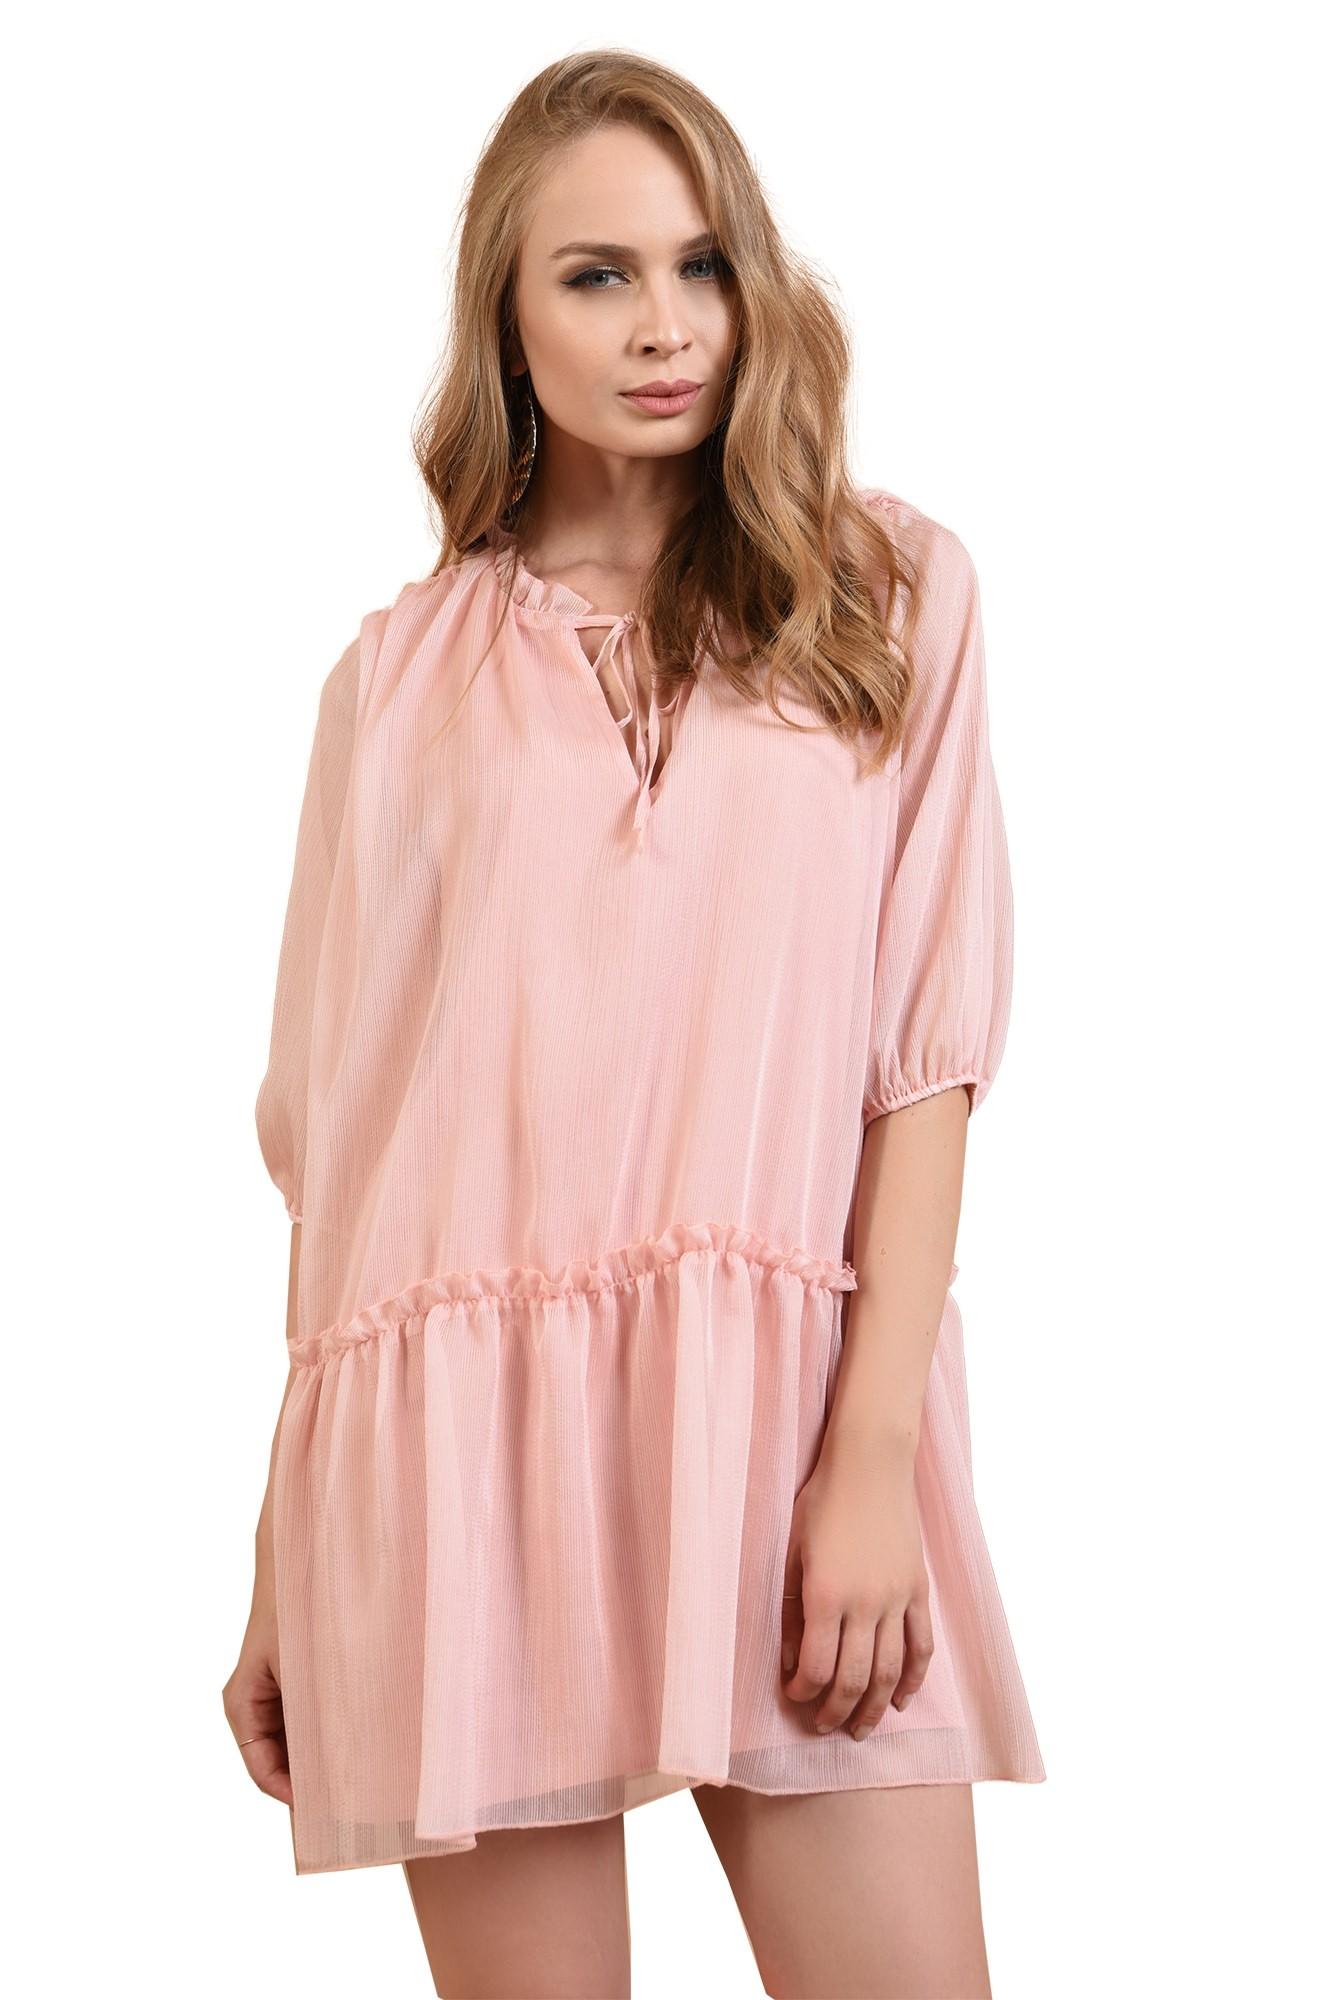 3 - 360 - rochie evazata, cu guler incretit, cu snur, roz, Poema